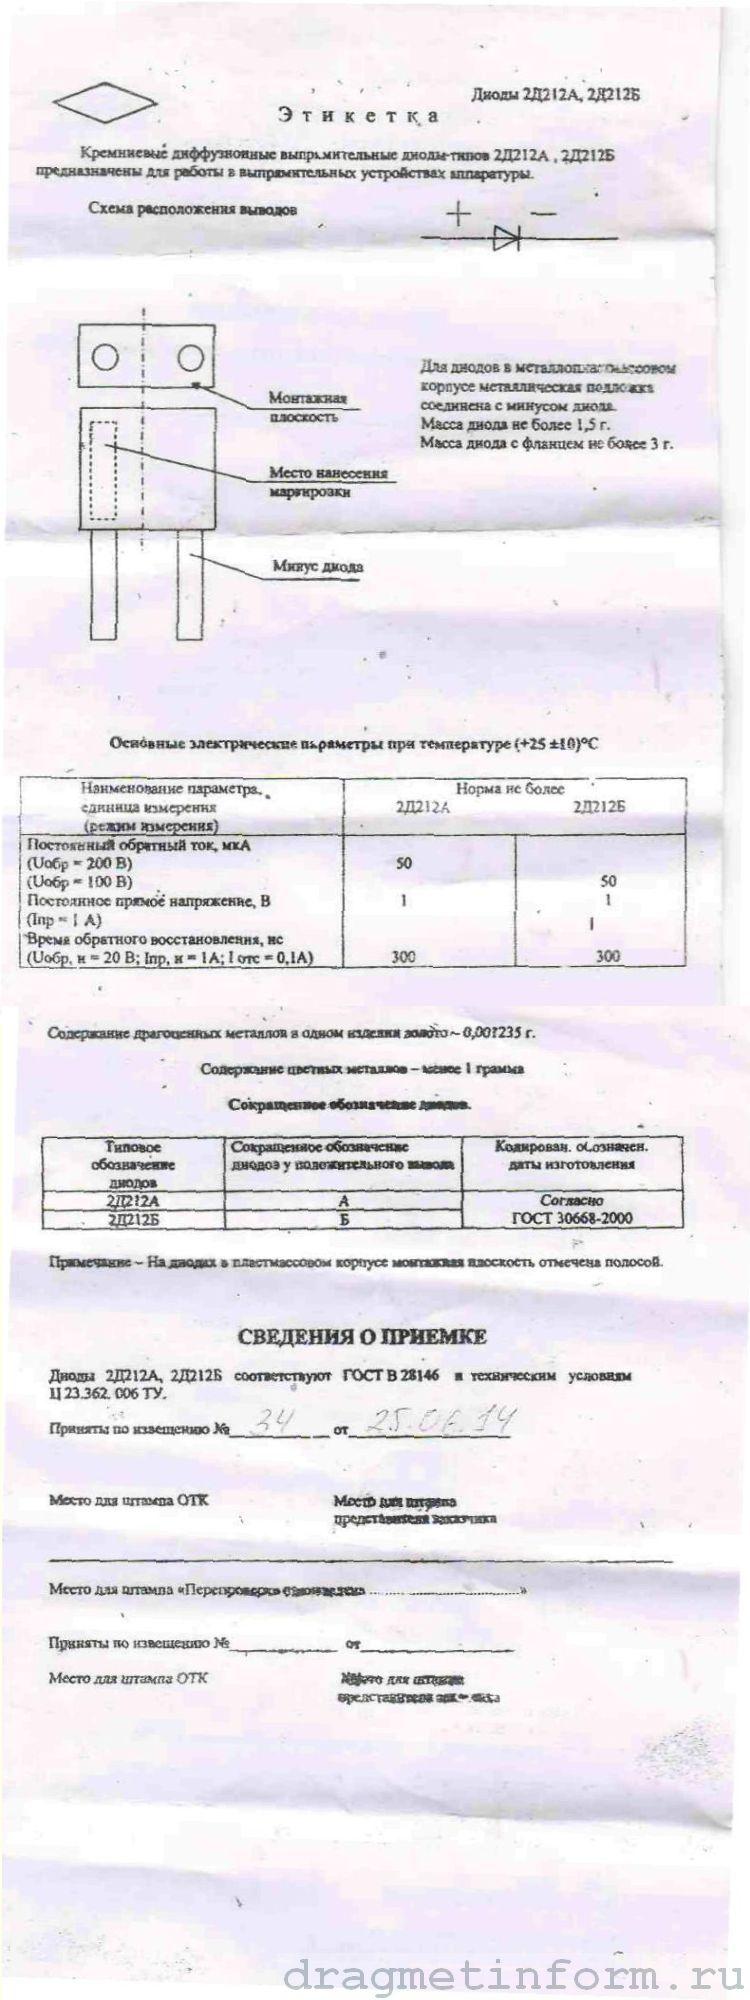 Формуляр 2Д212А